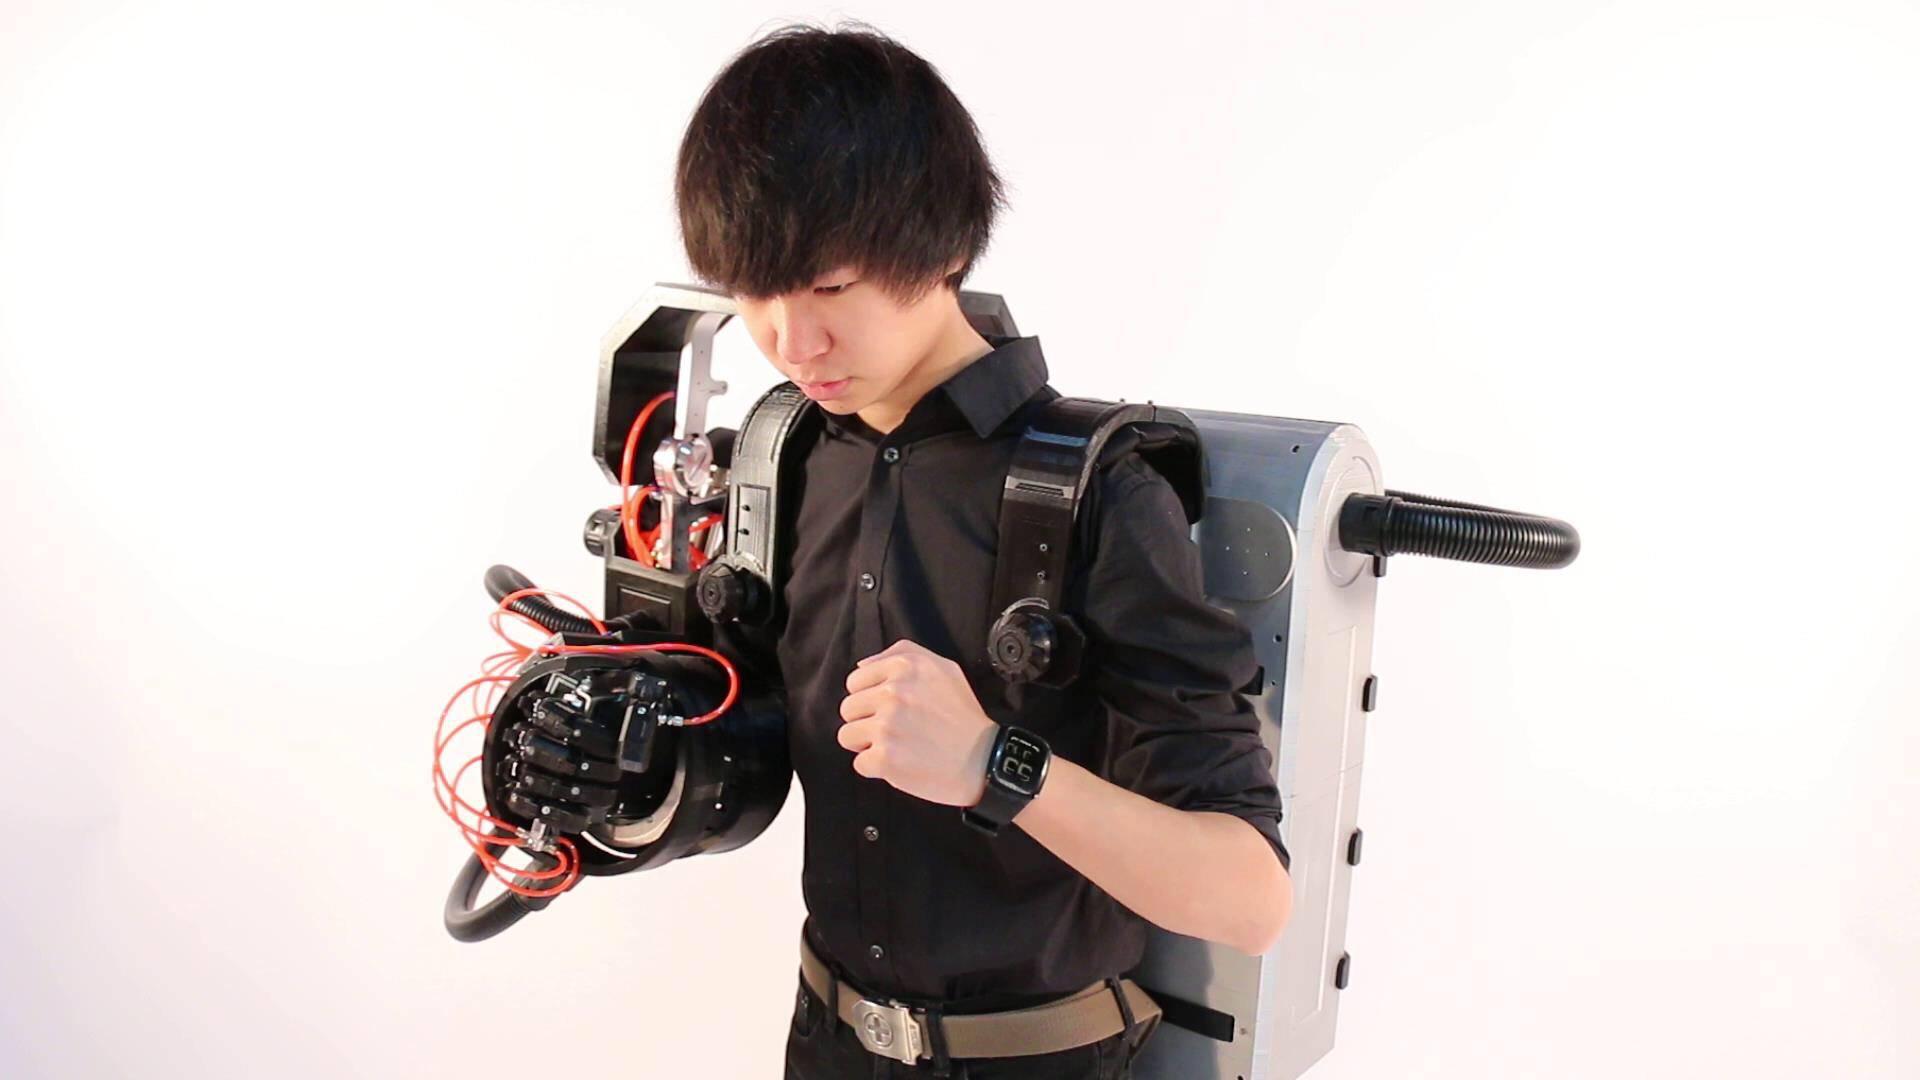 首发丨柔性机械外骨骼系统研制商铁甲钢拳完成一千万元Pre-A轮融资